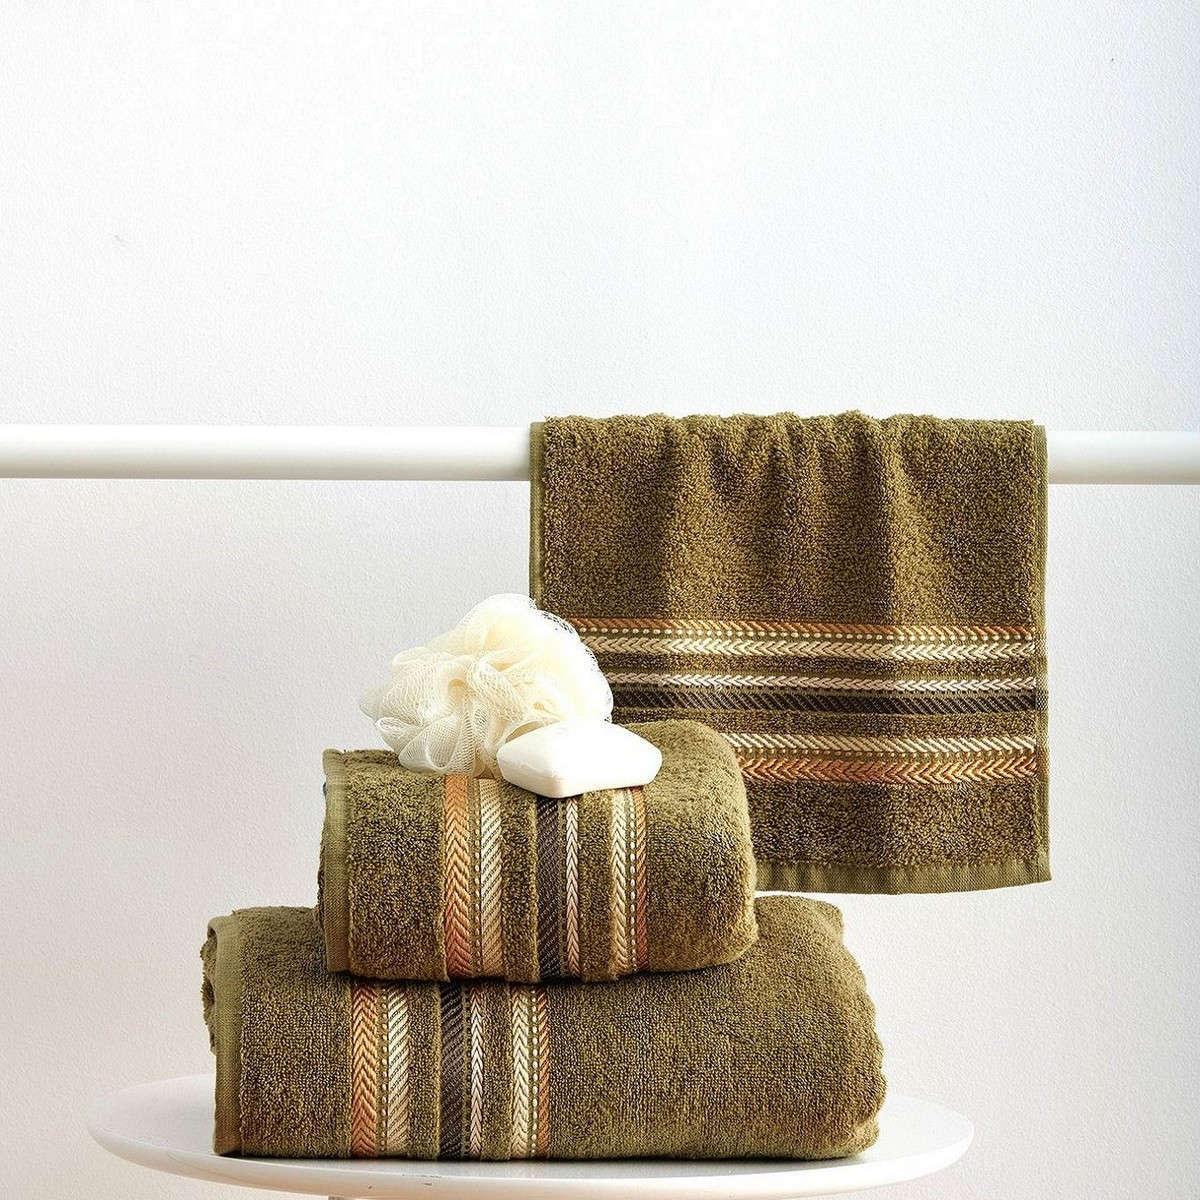 Πετσέτες Σετ 3Τεμ. Timothy Olive Sb Home Σετ Πετσέτες